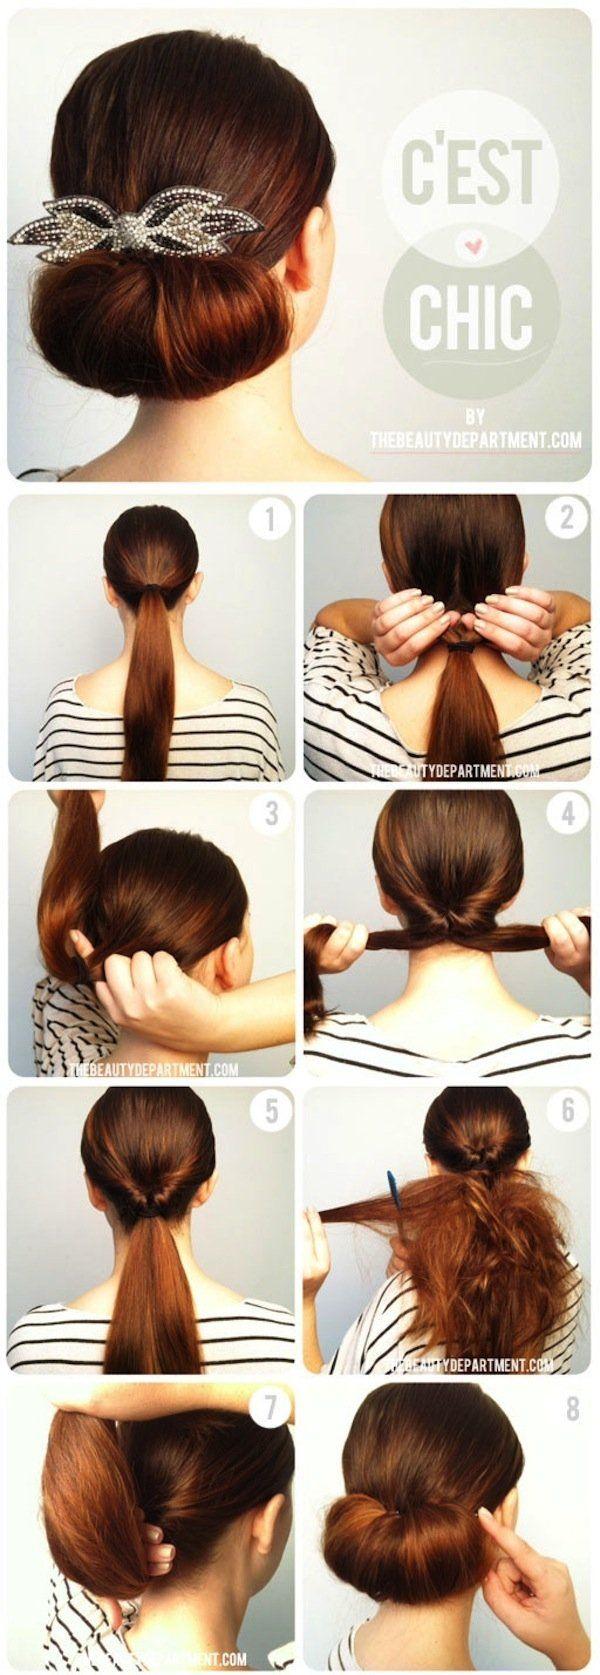 14 Einfache Frisuren Tutorials für den Sommer